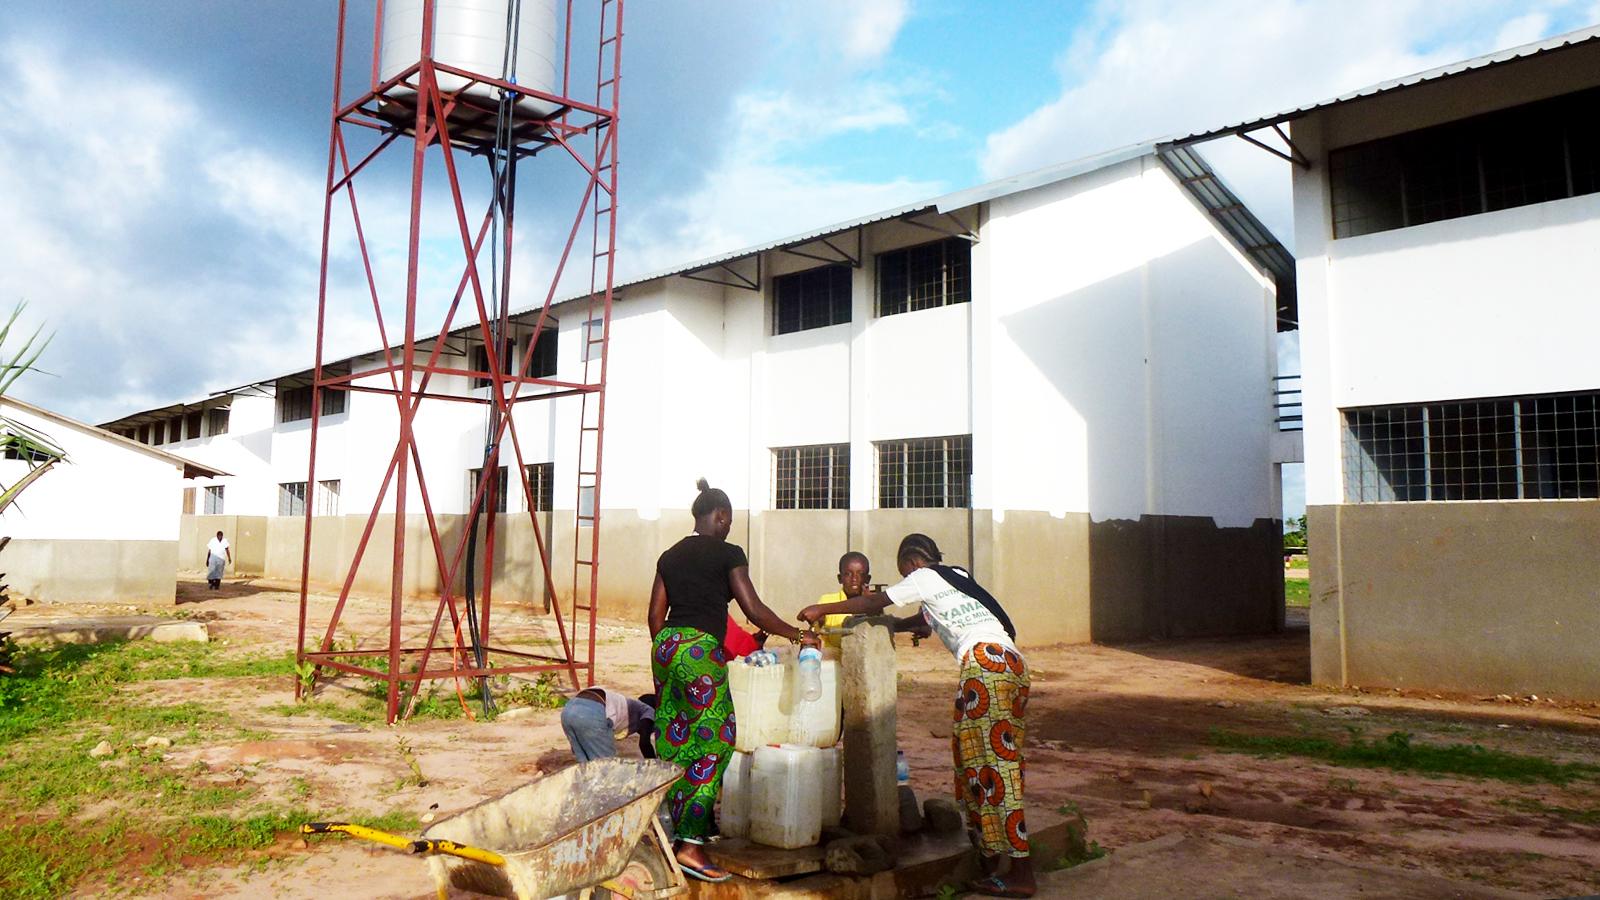 de waterinstallatie van de school die het dorp beheert